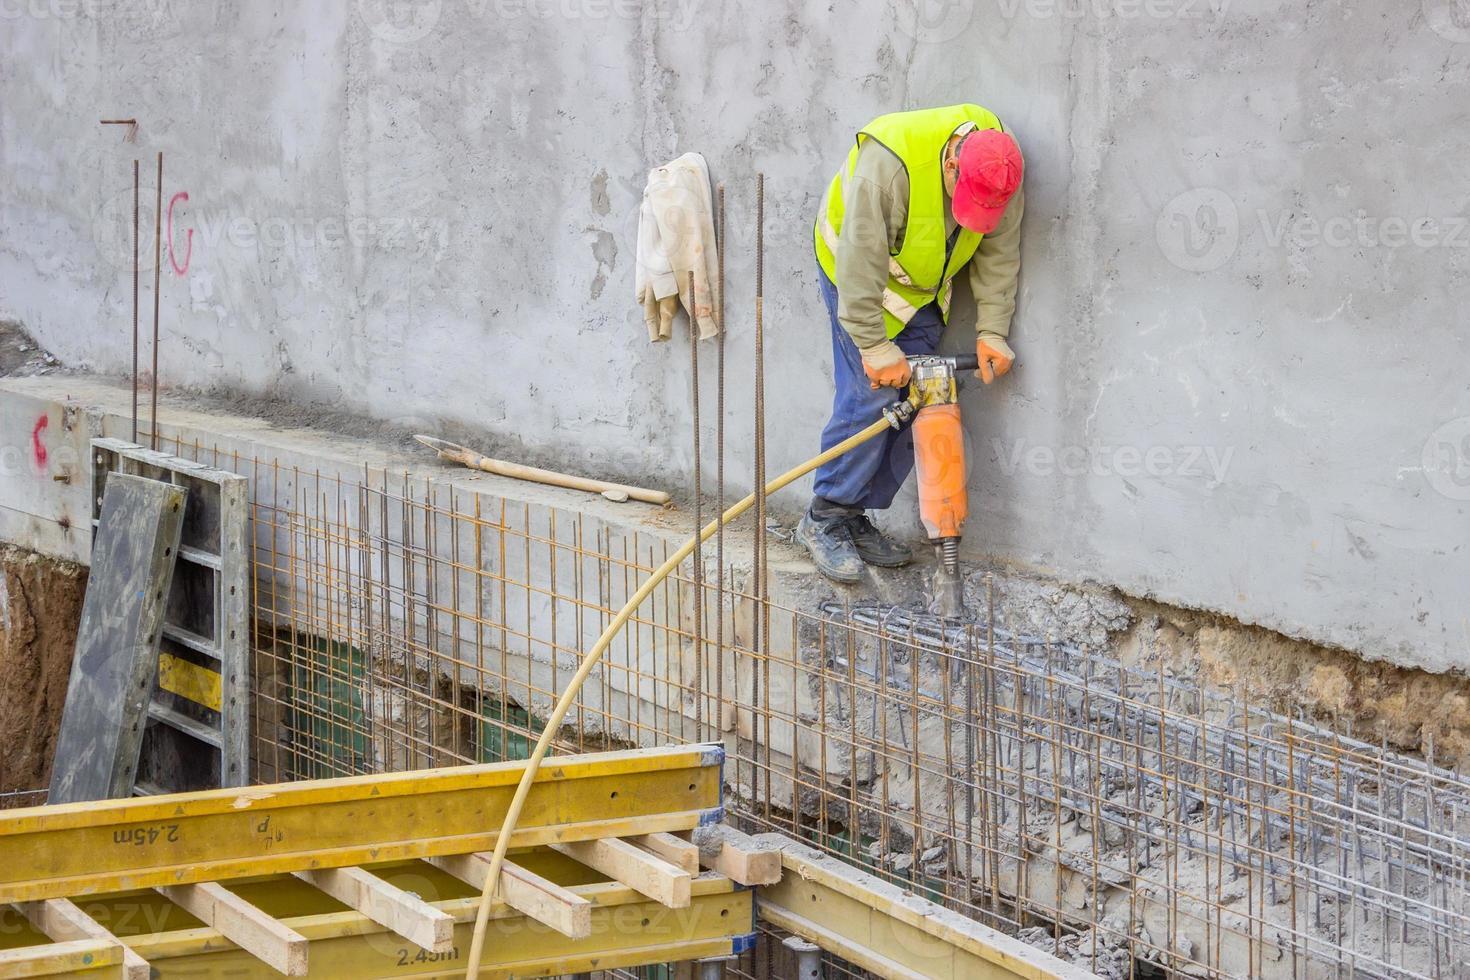 trabajador constructor utilizando un martillo neumático foto